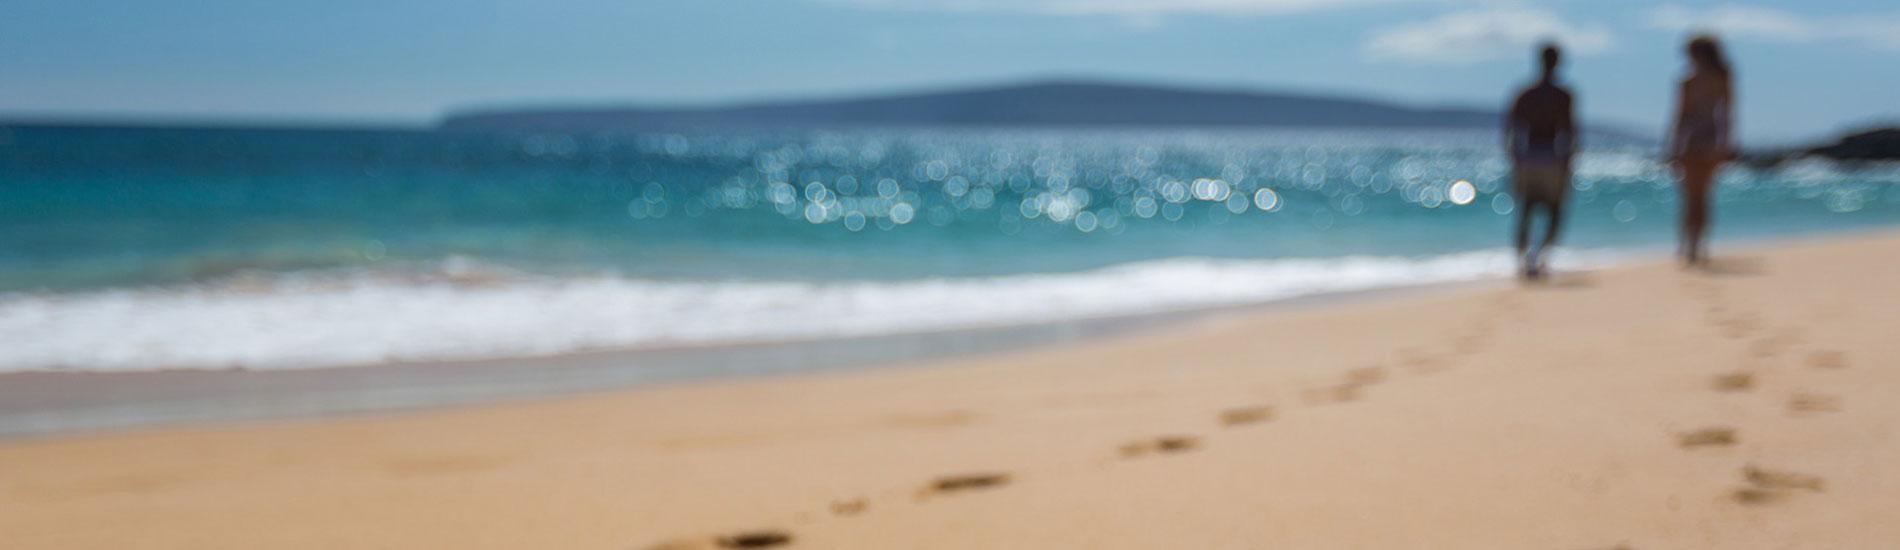 Urlaub auf Hawaii – Welche Hawaii Strände sind am schönsten?